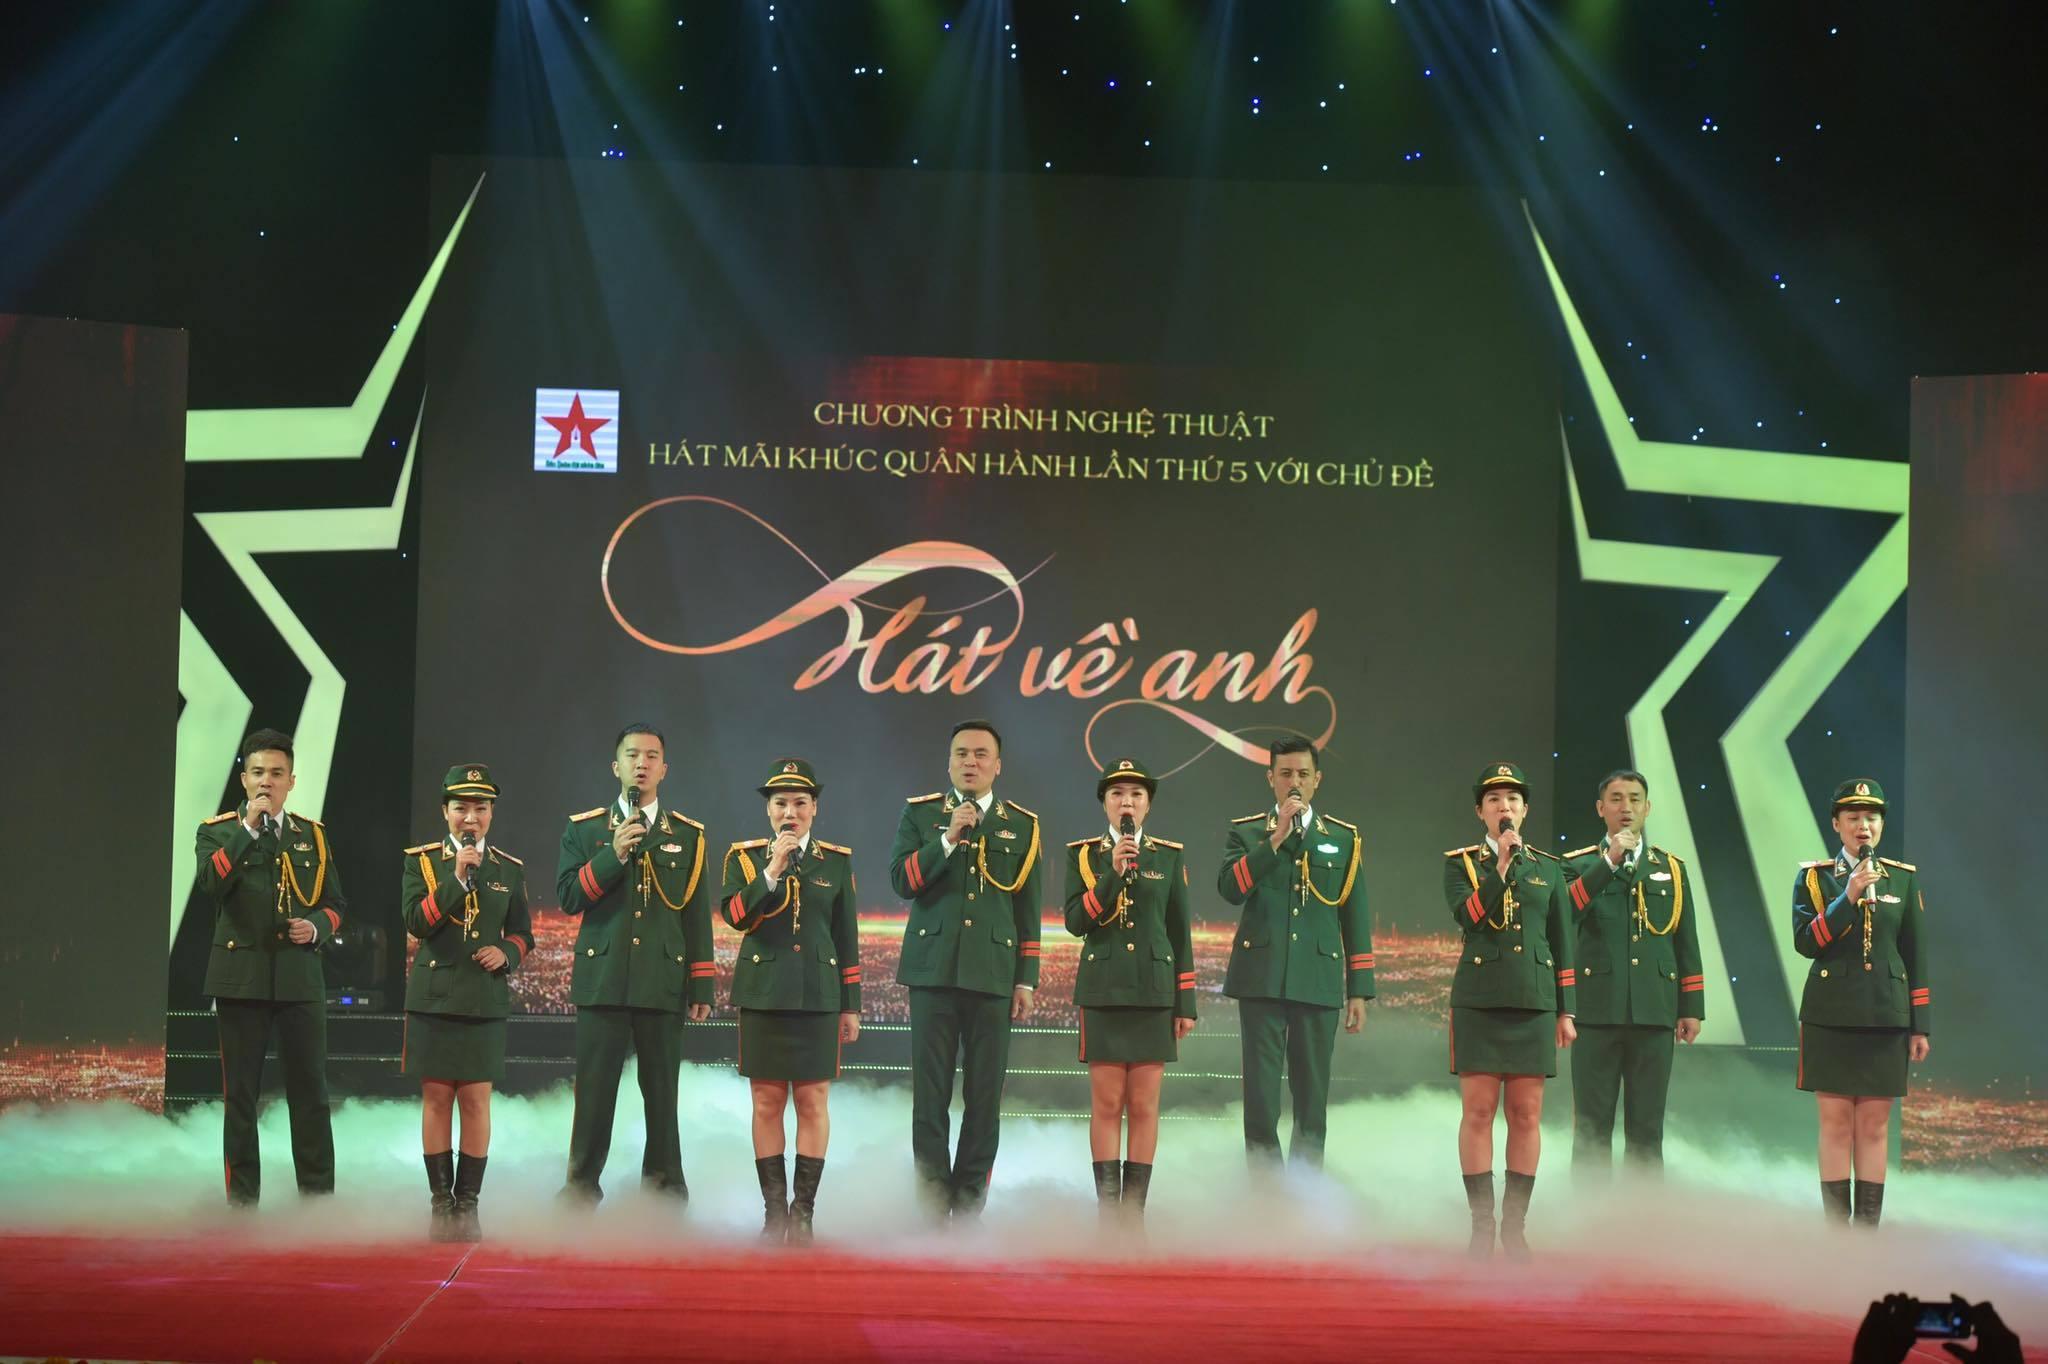 Vũ Thắng Lợi, Phạm Phương Thảo hát ở chương trình 'Hát mãi khúc quân hành'